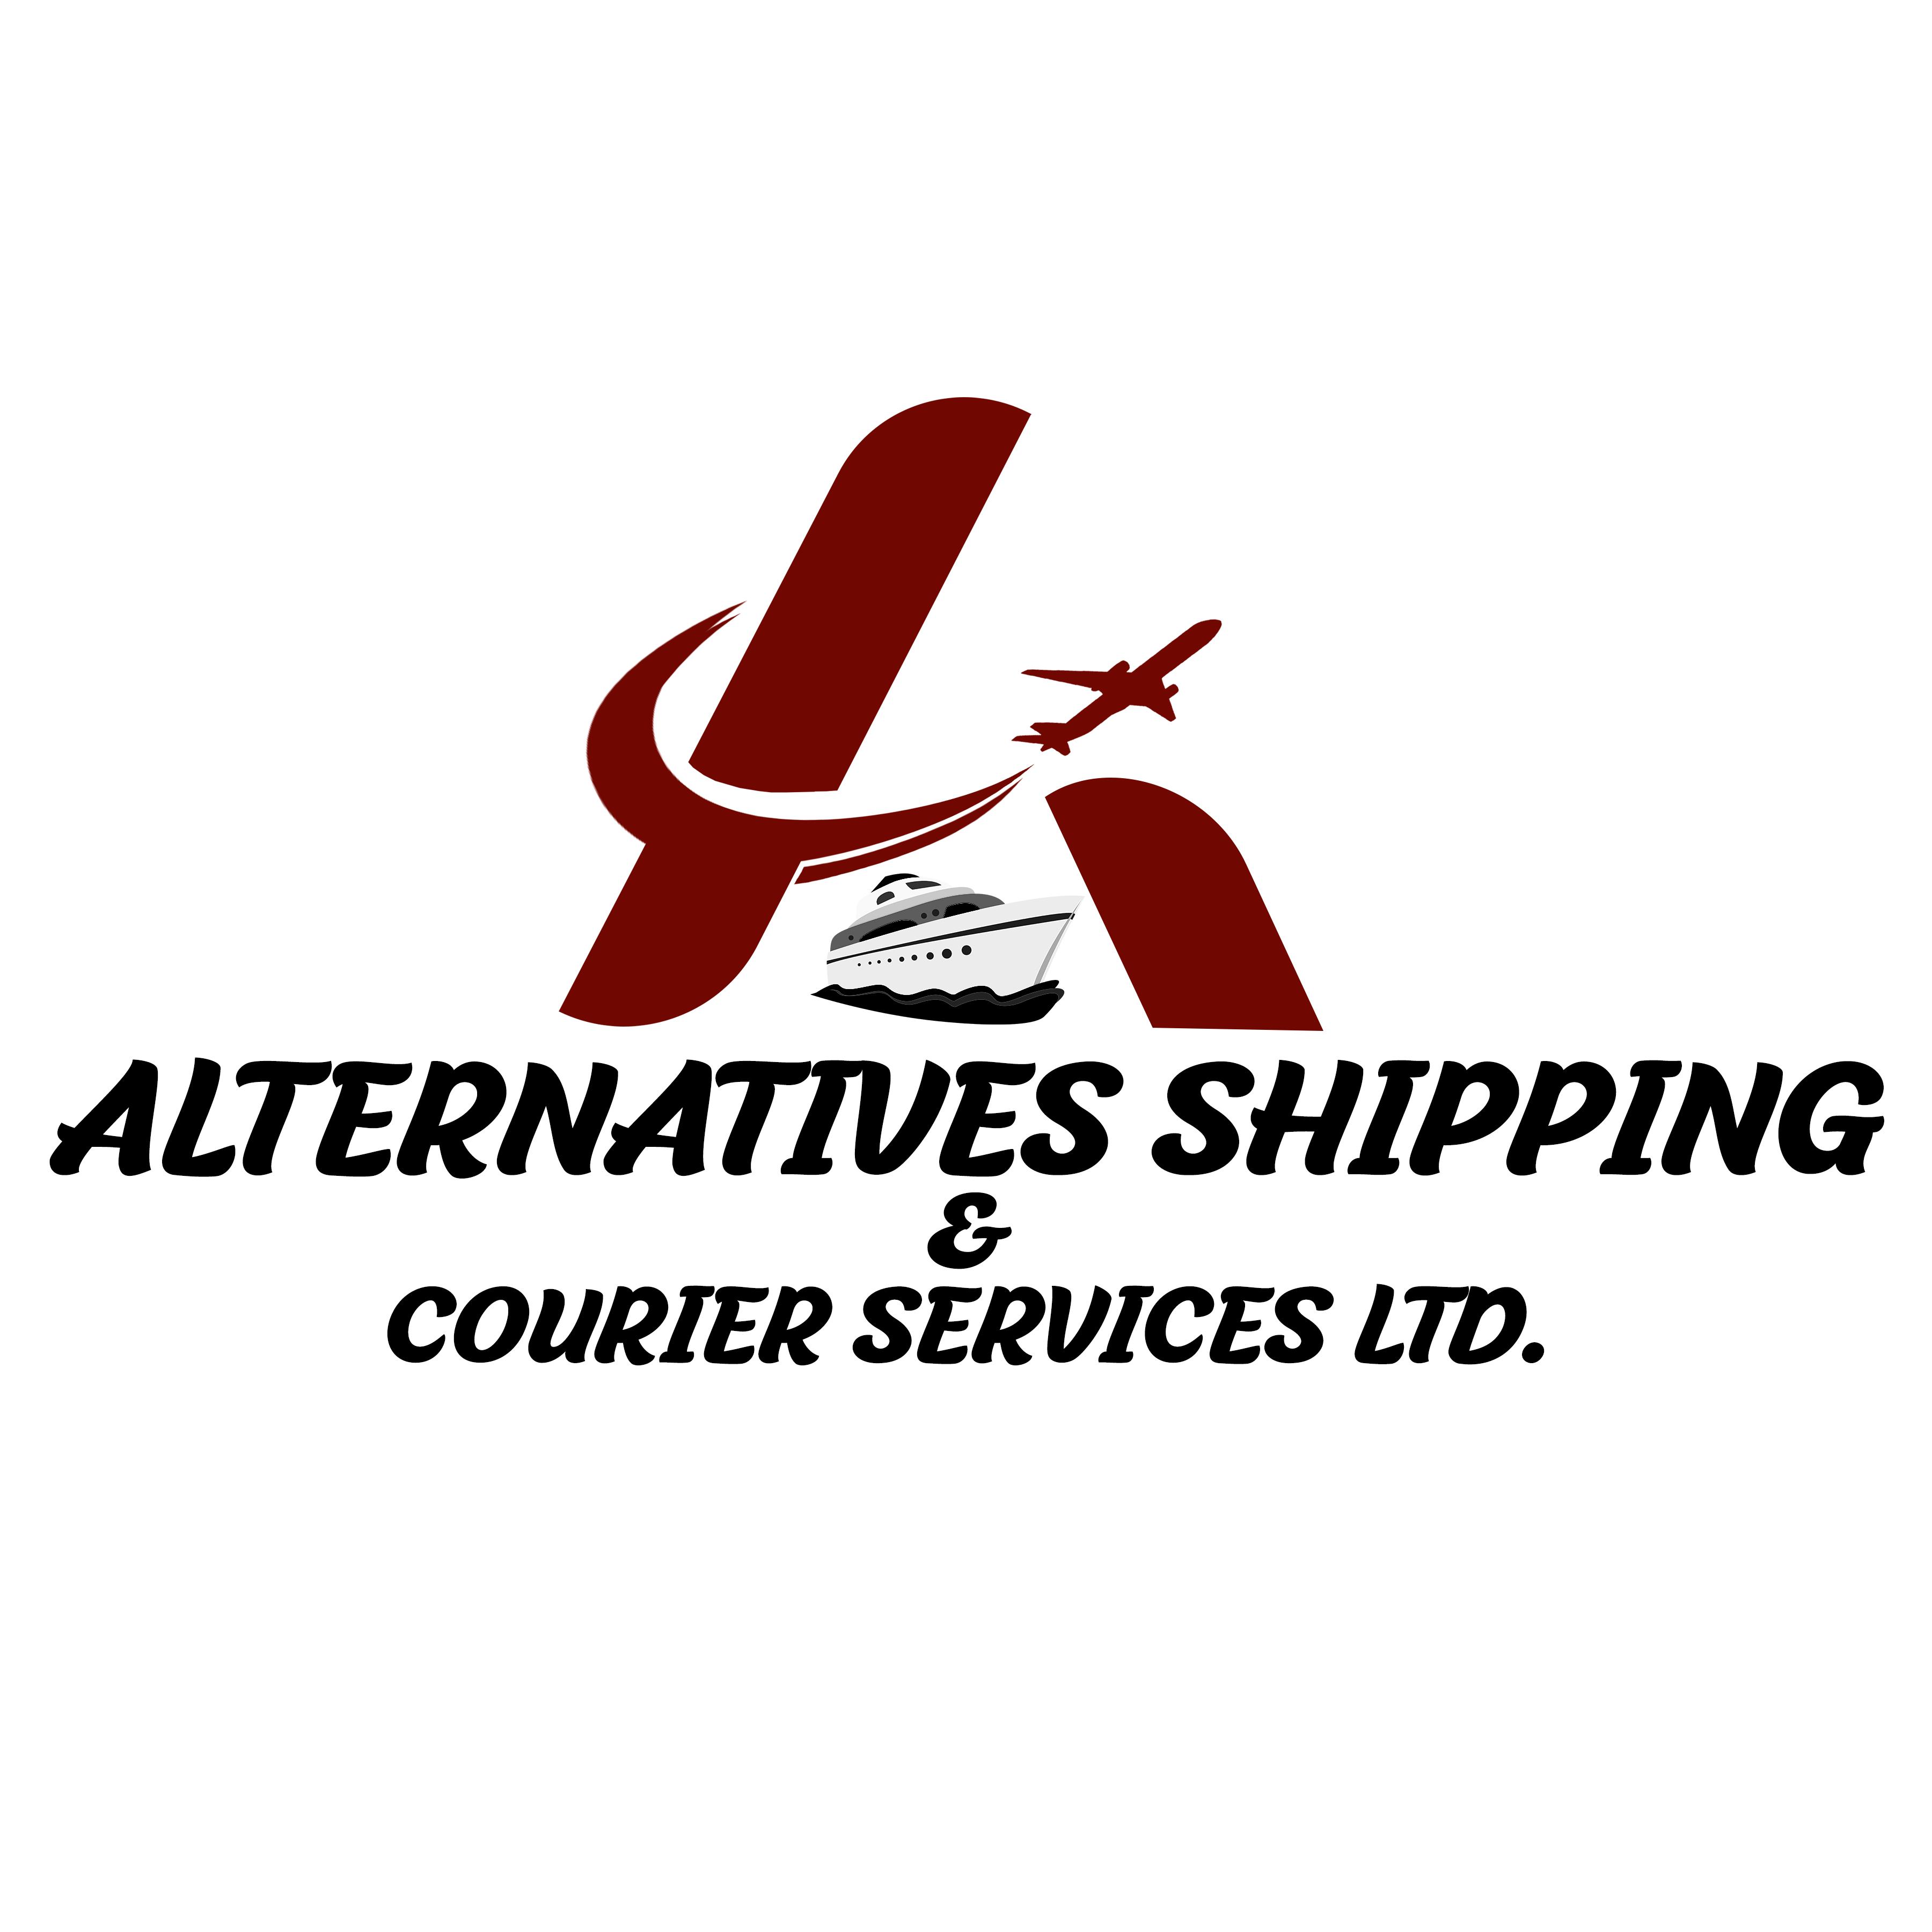 Alternatives shipping